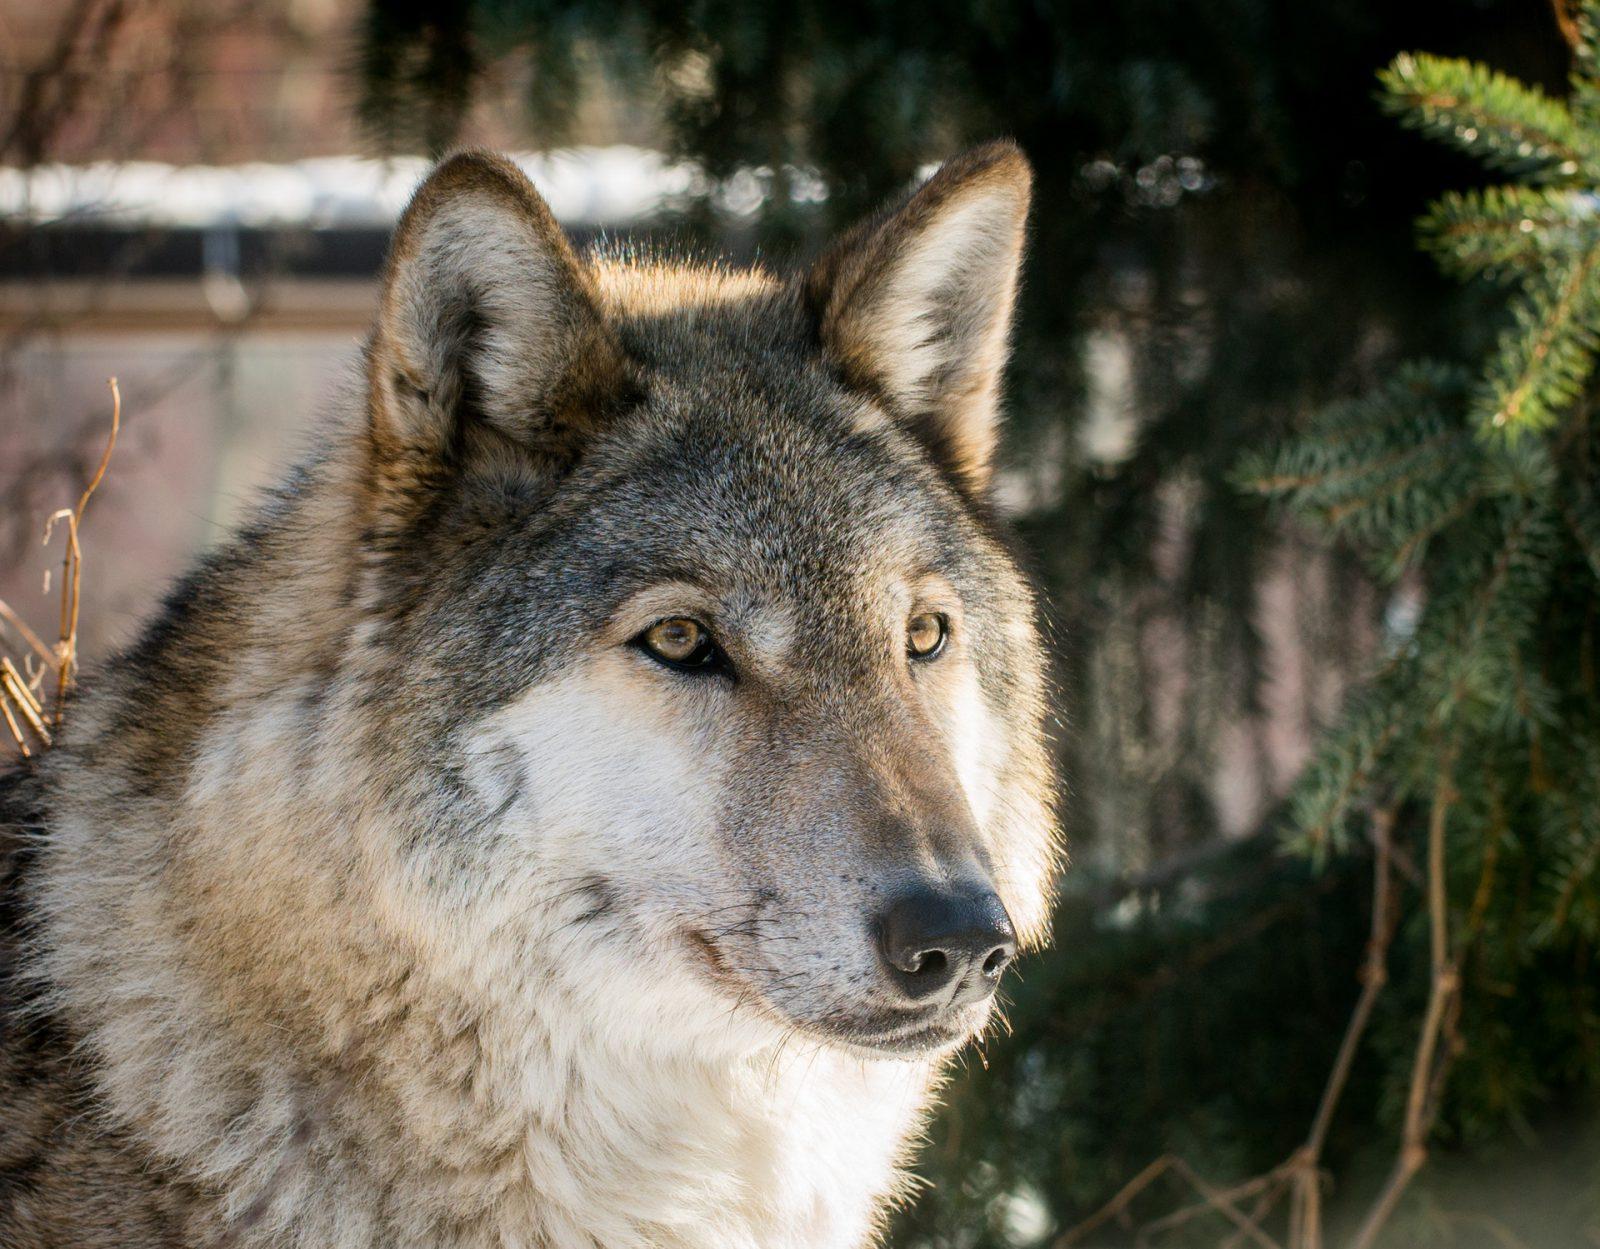 O lobo vive em sociedade hierárquica bastante definida.